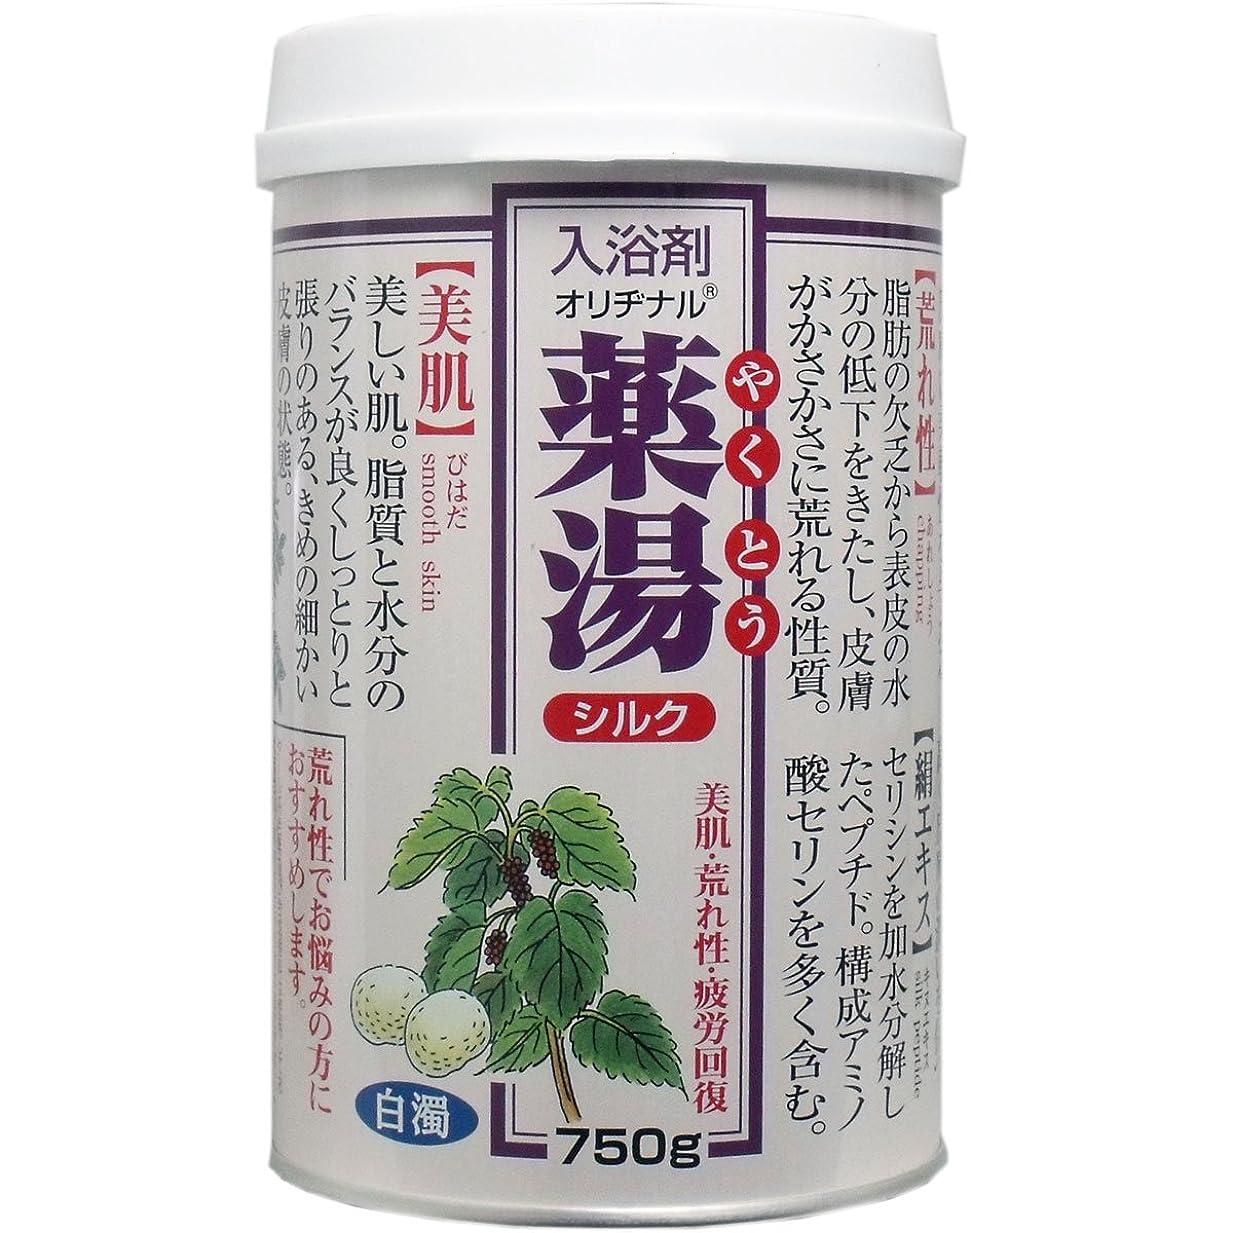 カルシウム悪性法医学【まとめ買い】NEWオリヂナル薬湯 シルク 750g ×2セット